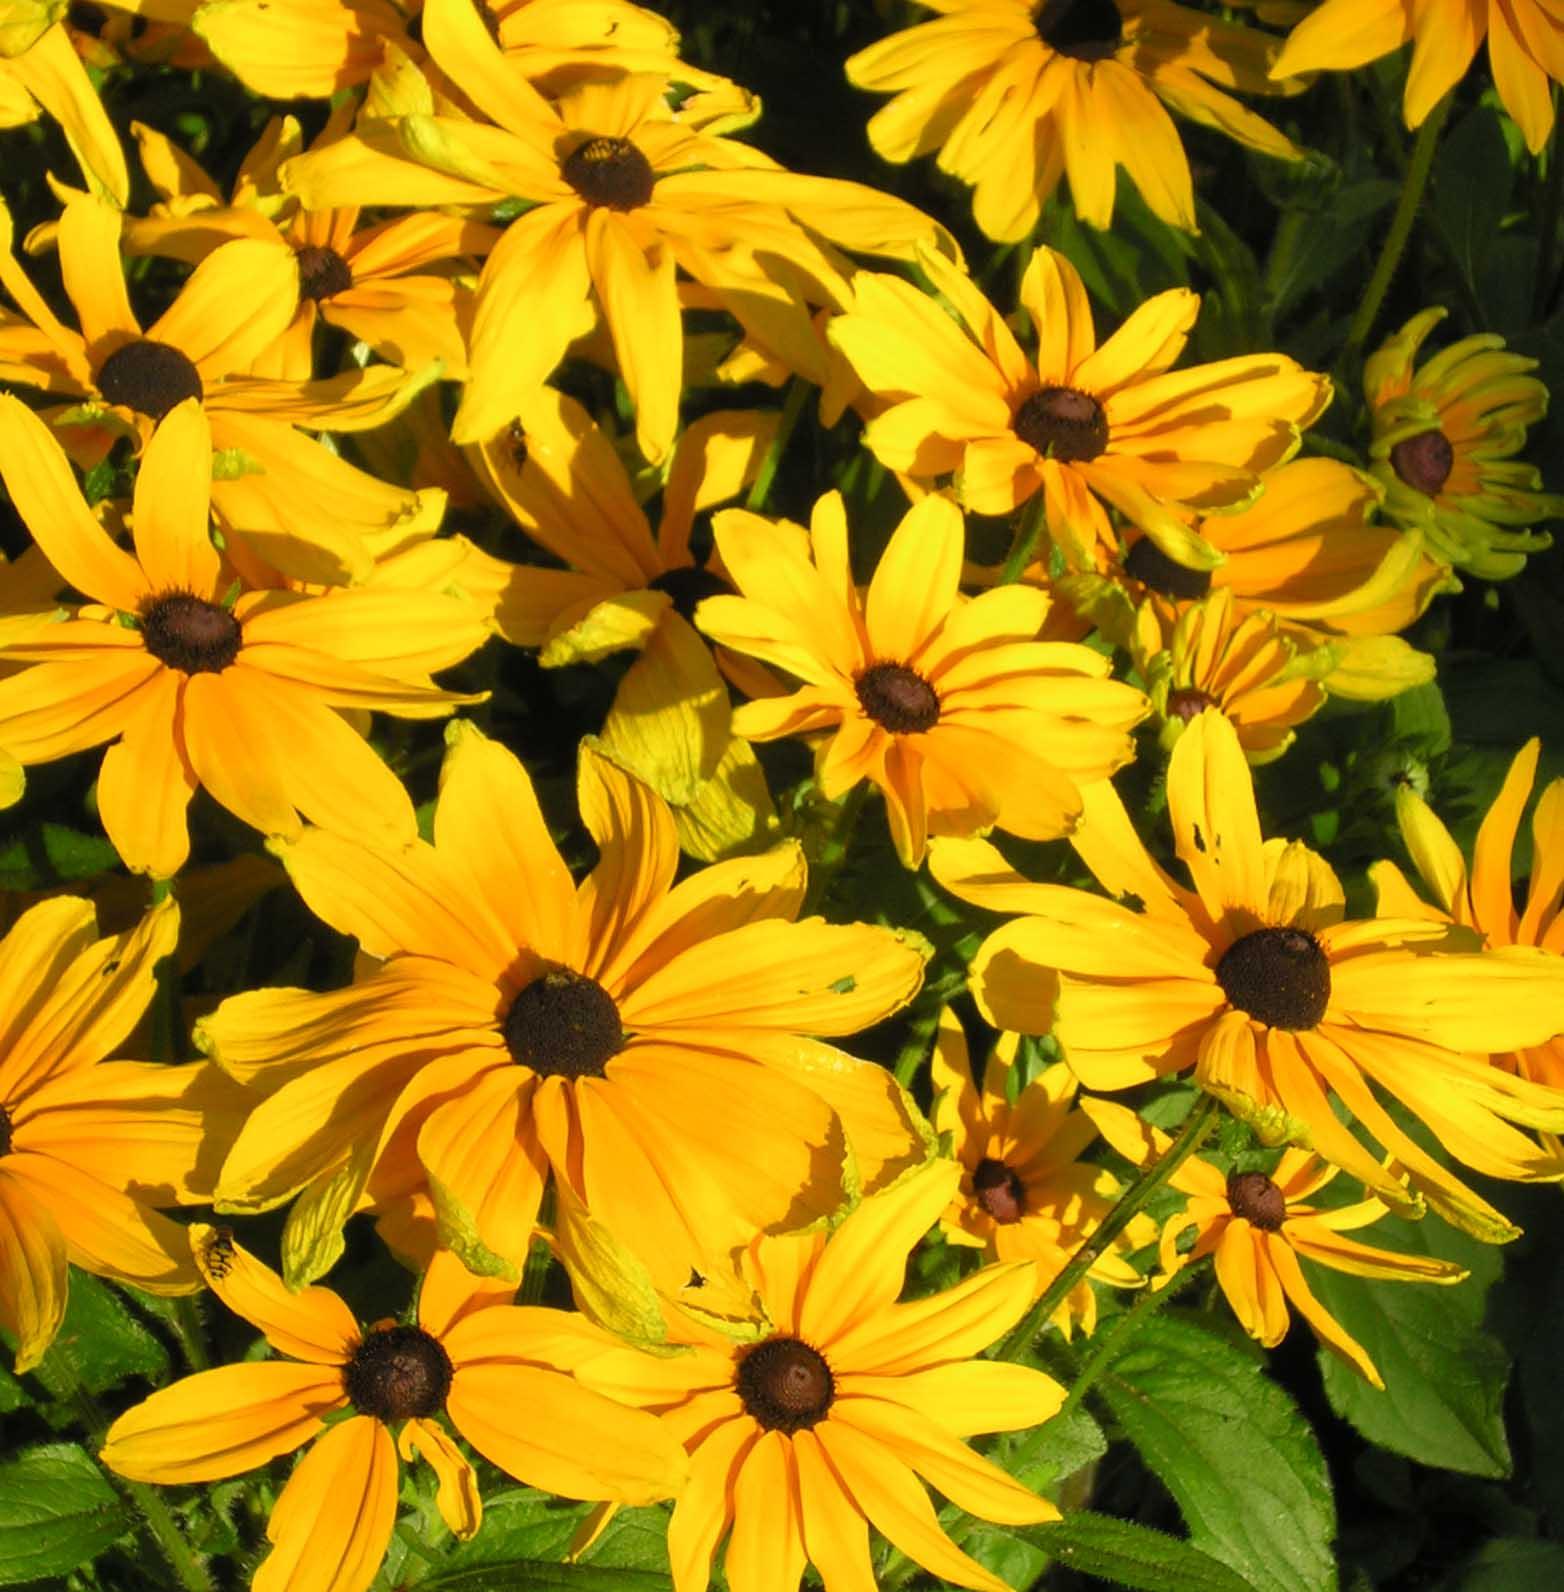 http://4.bp.blogspot.com/-vInhm0RmNfE/Tk_rlt5sB6I/AAAAAAAACAM/X303iK-JydE/s1600/rudbeckia.jpg